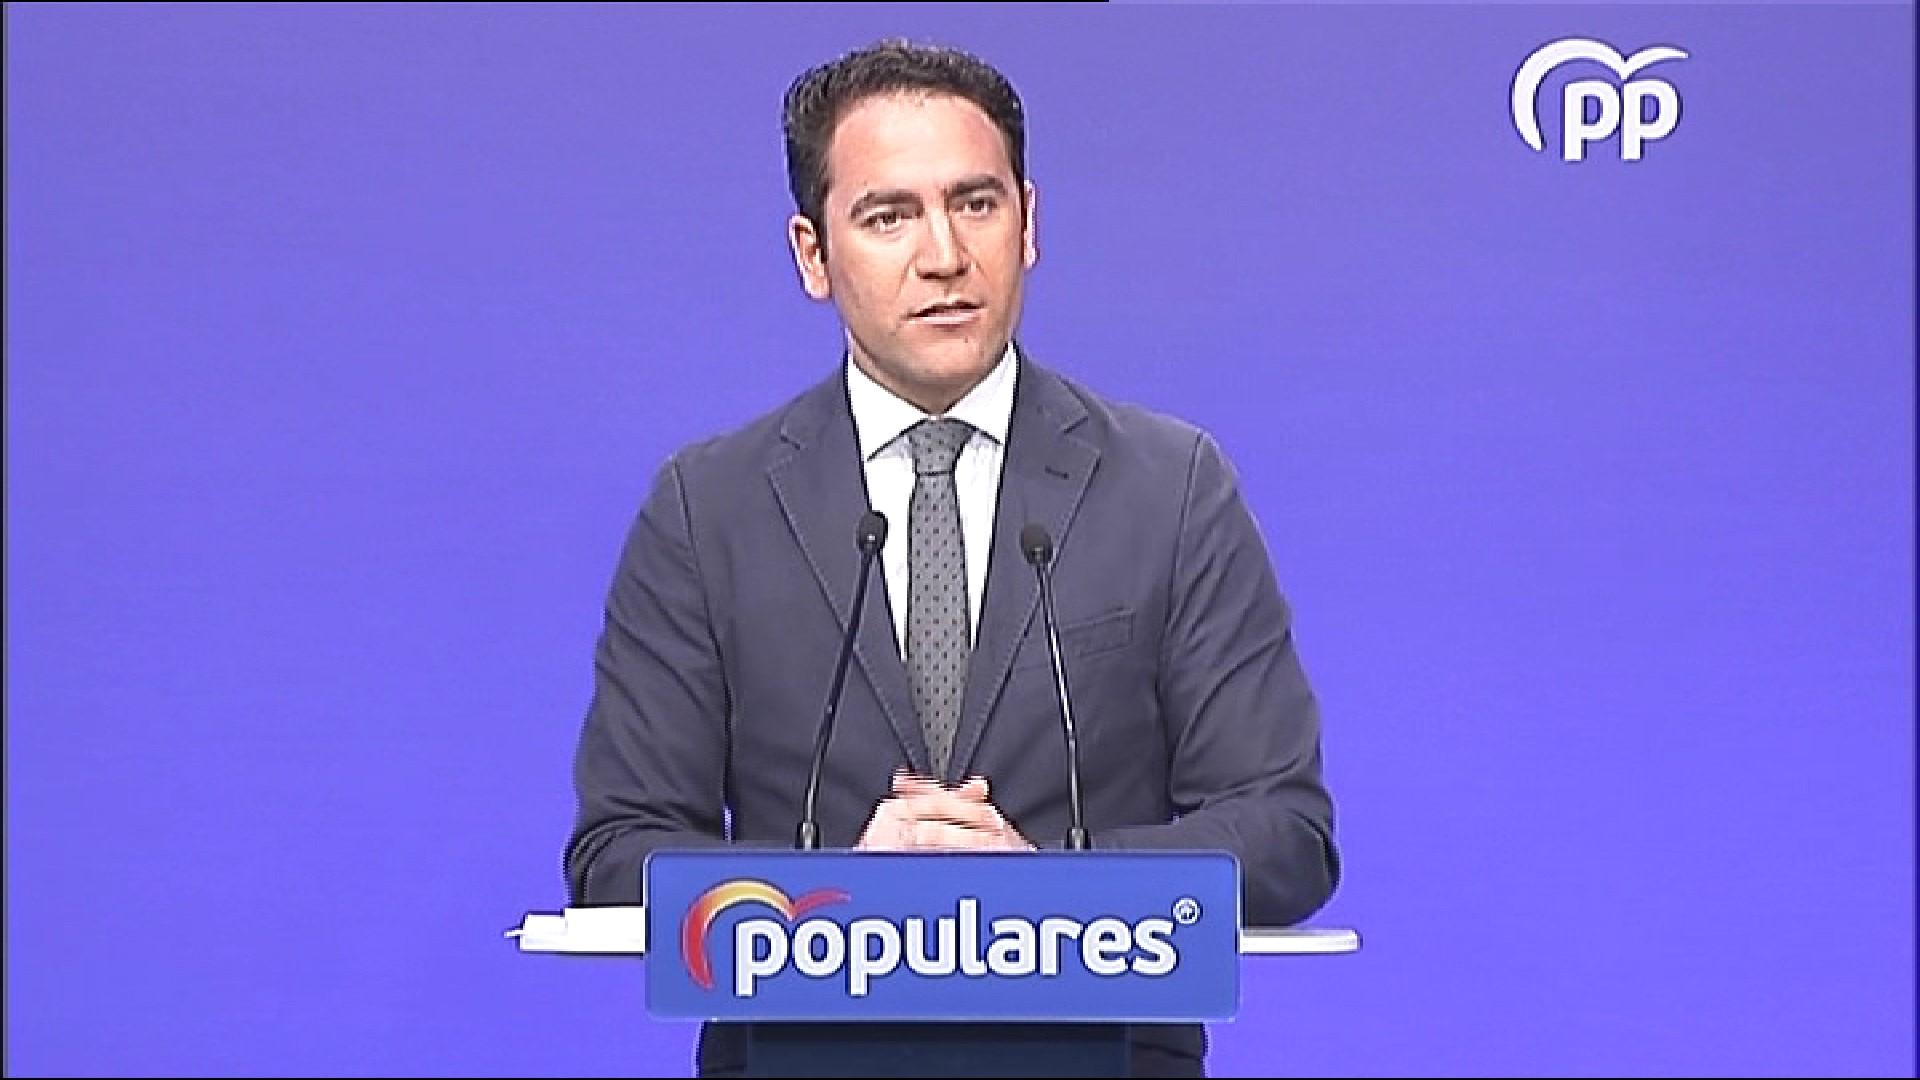 Carlos+Iturg%C3%A1iz+ser%C3%A0+el+candidat+a+Lehendakari+de+la+coalici%C3%B3+entre+PP+i+Ciudadanos